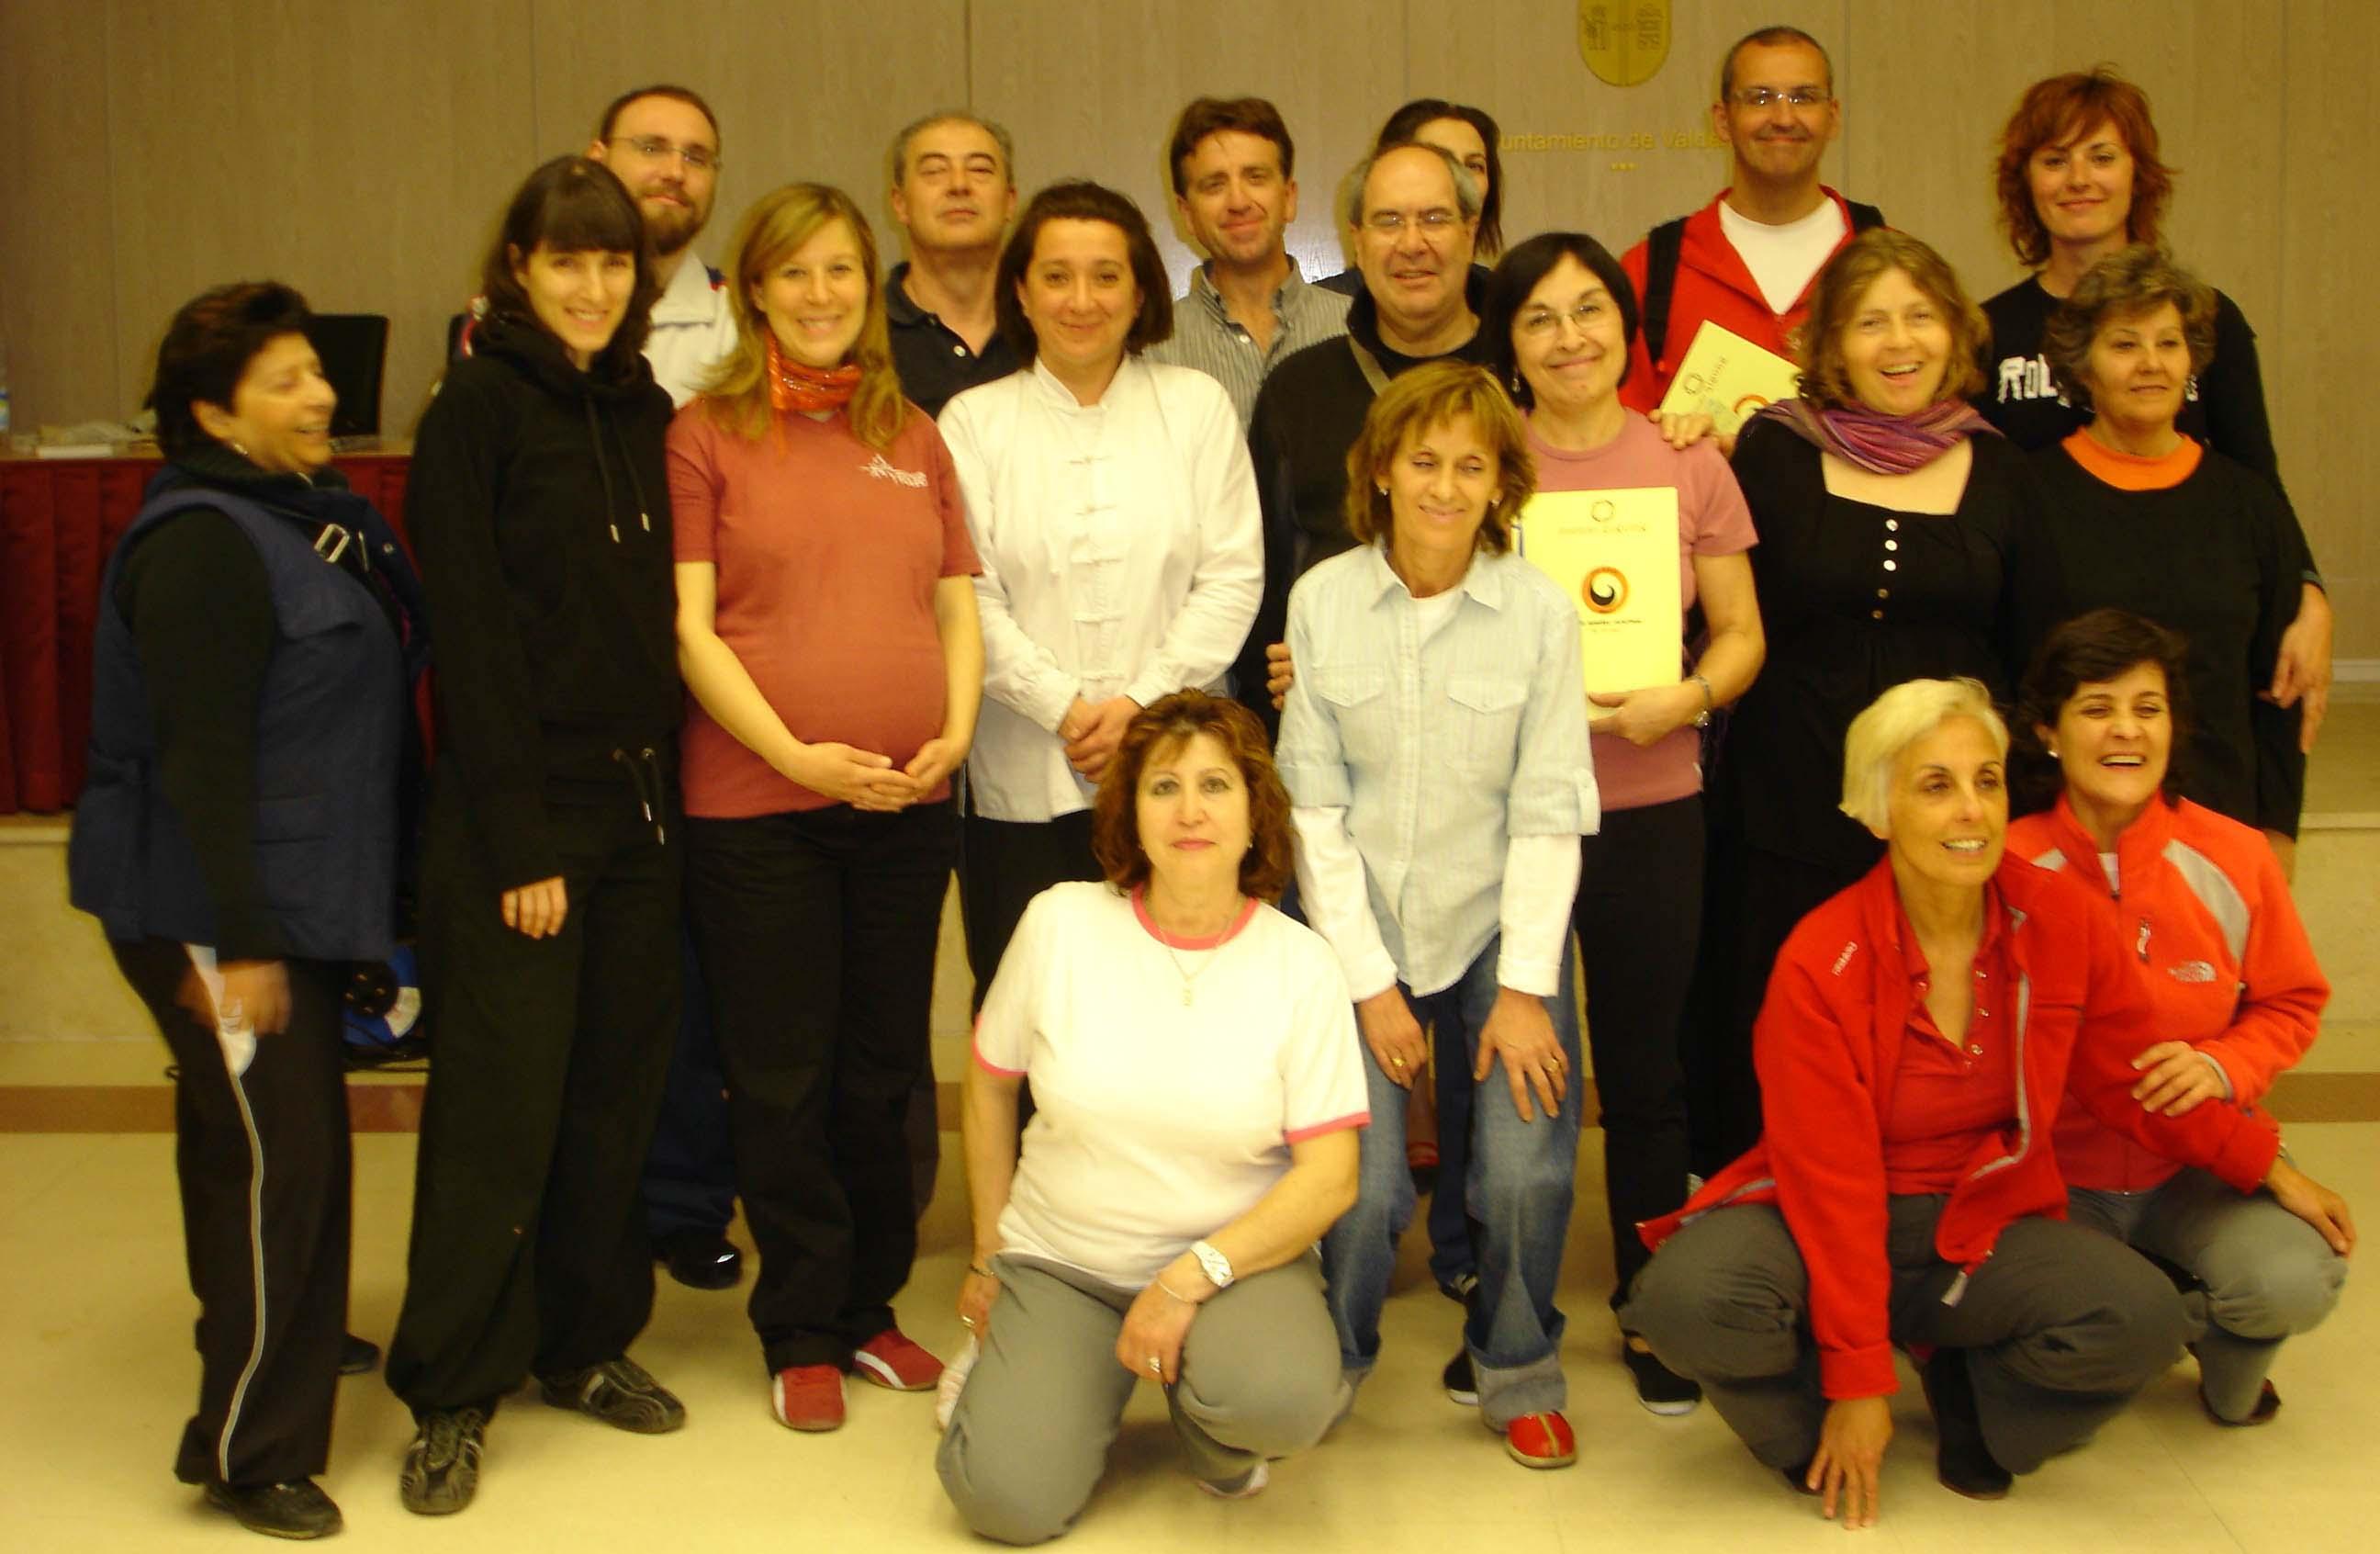 Conferencia + Taller de Qigong Estático y Dinámico para los Amigos del Taichi de Valdemoro, Madrid